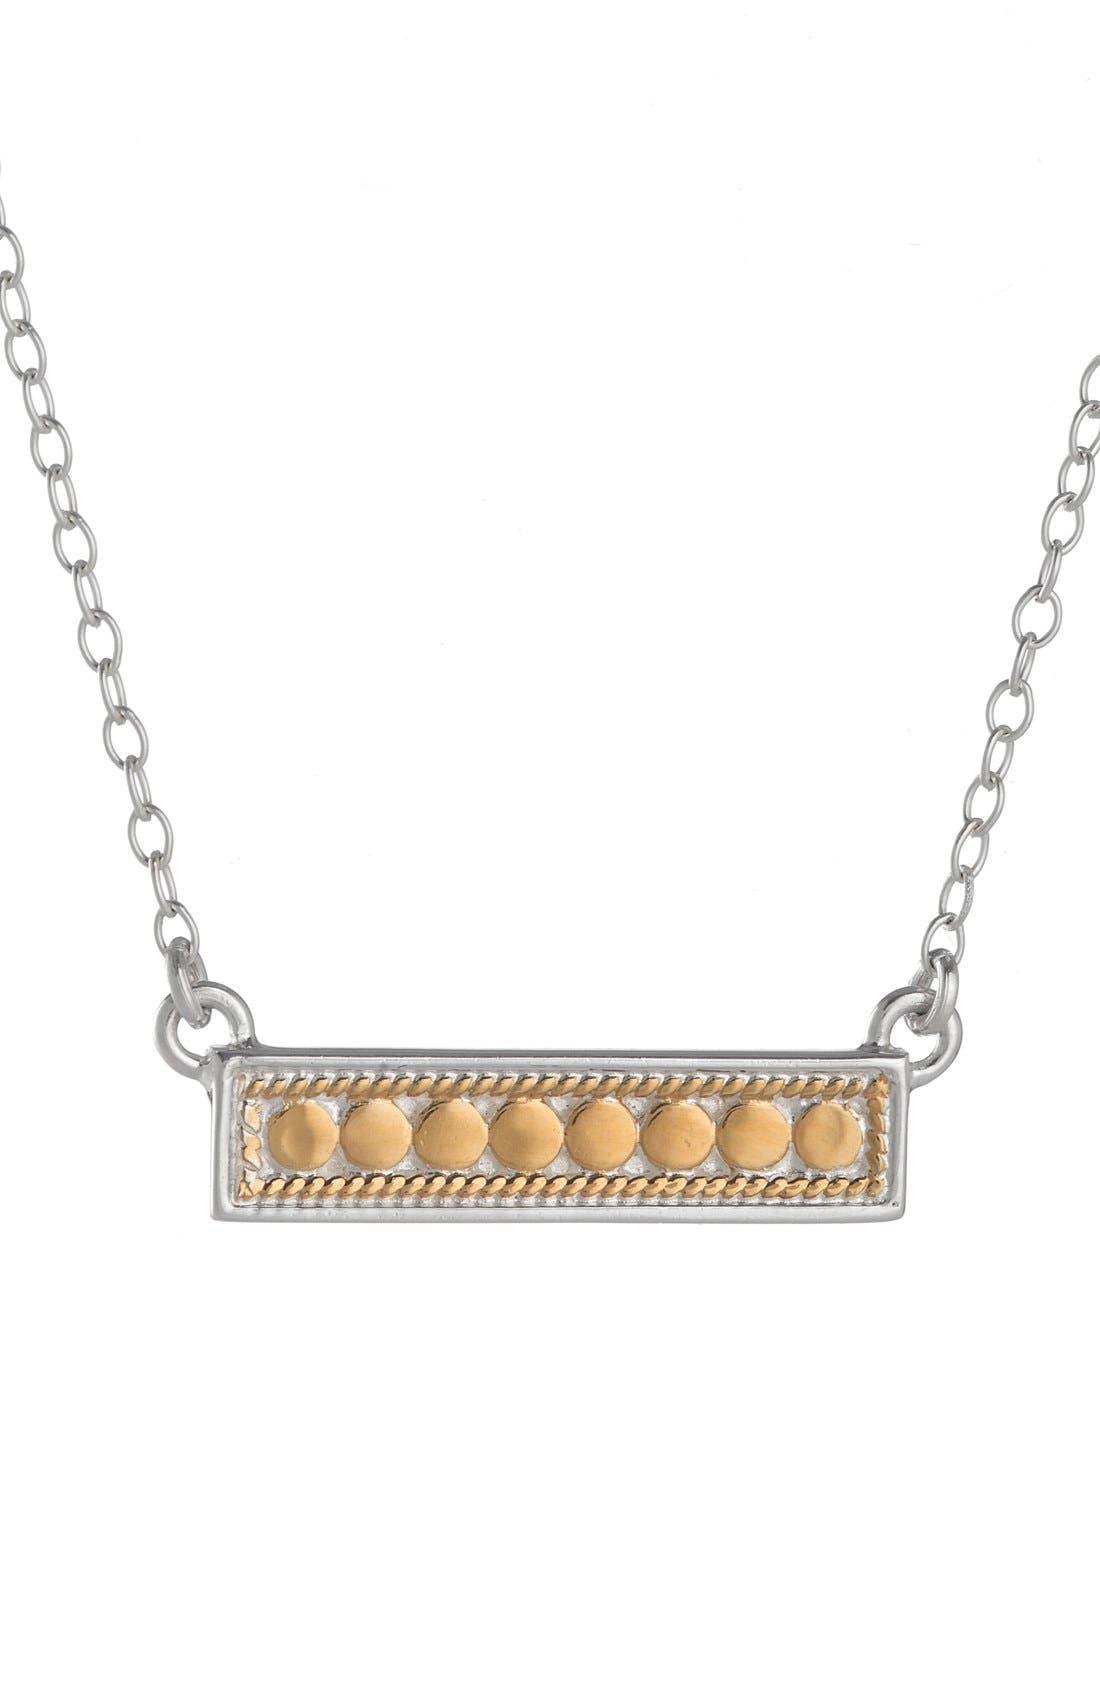 ANNA BECK Gili Bar Pendant Necklace